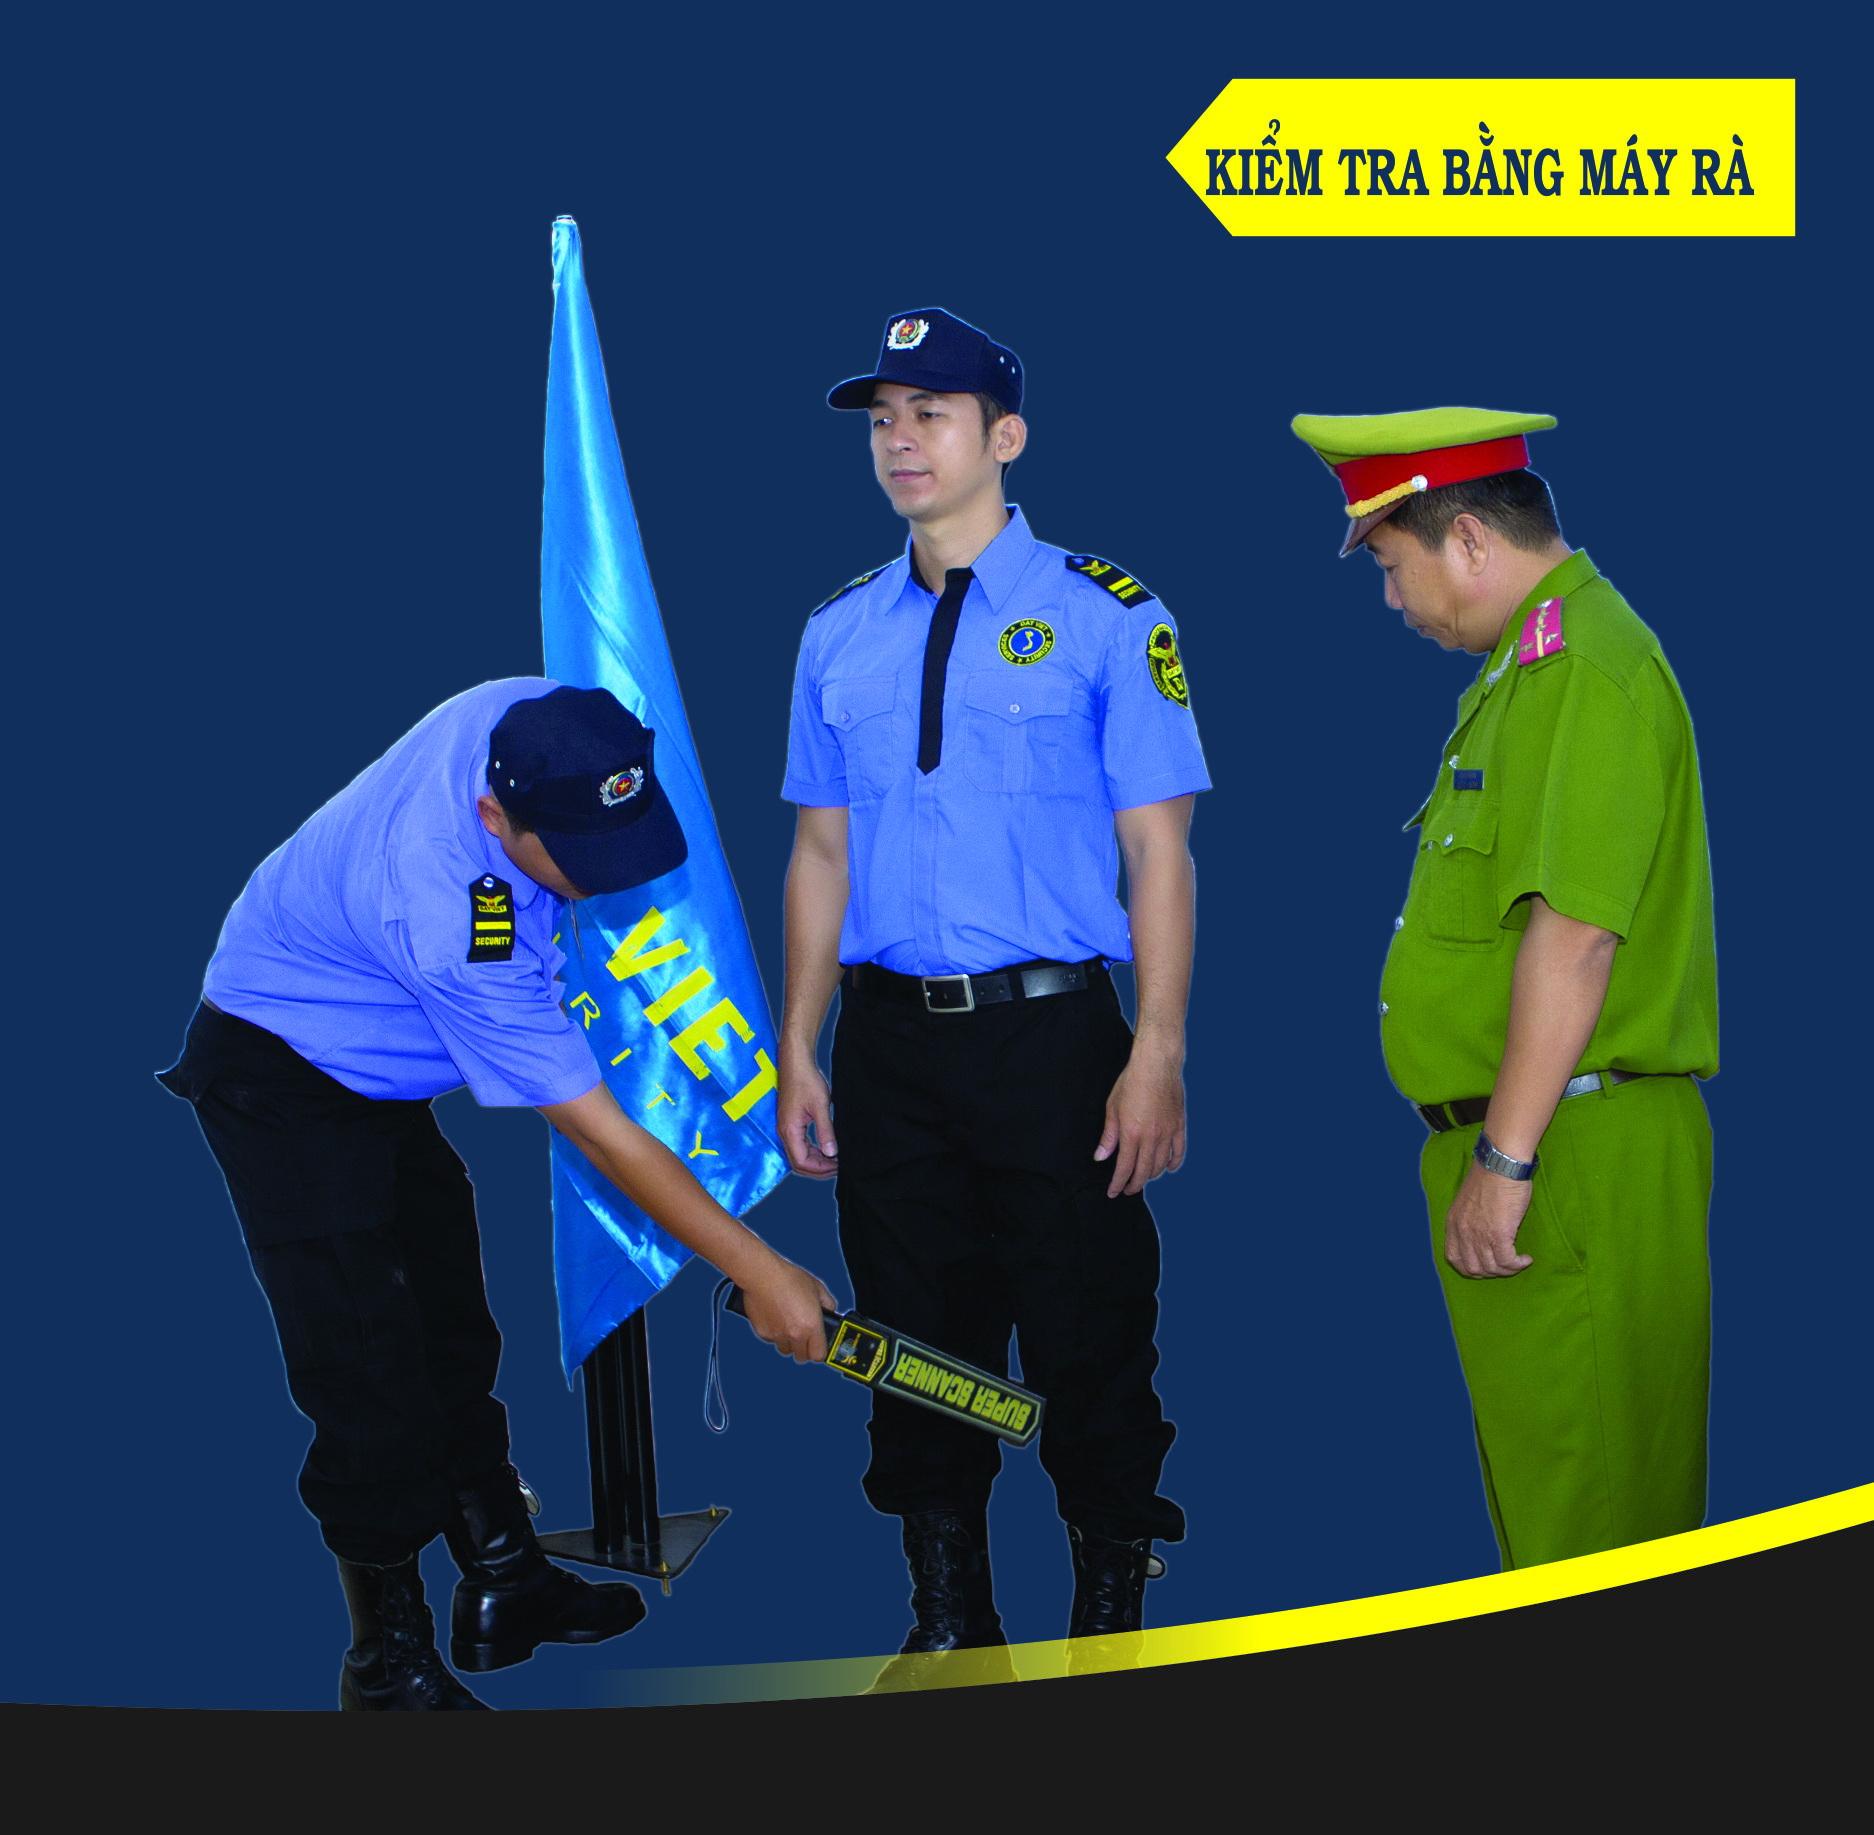 nghiep-vu-bao-ve-dat-viet